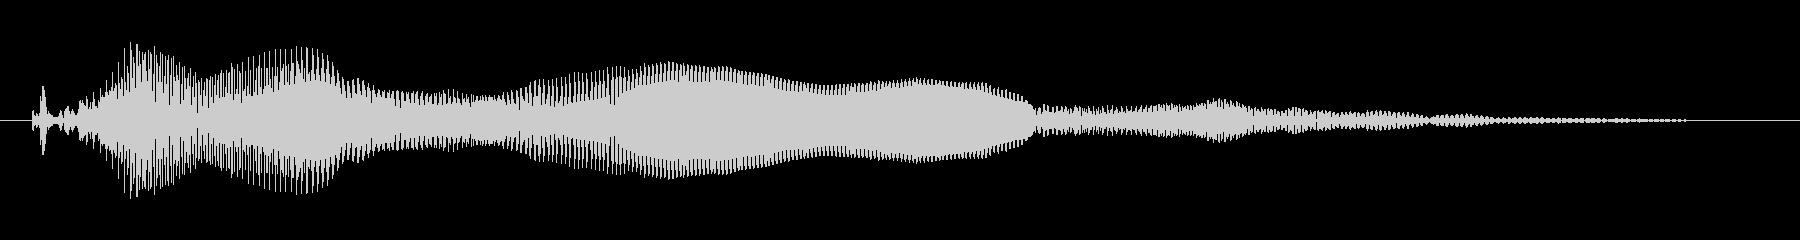 「ゴー!」3の未再生の波形